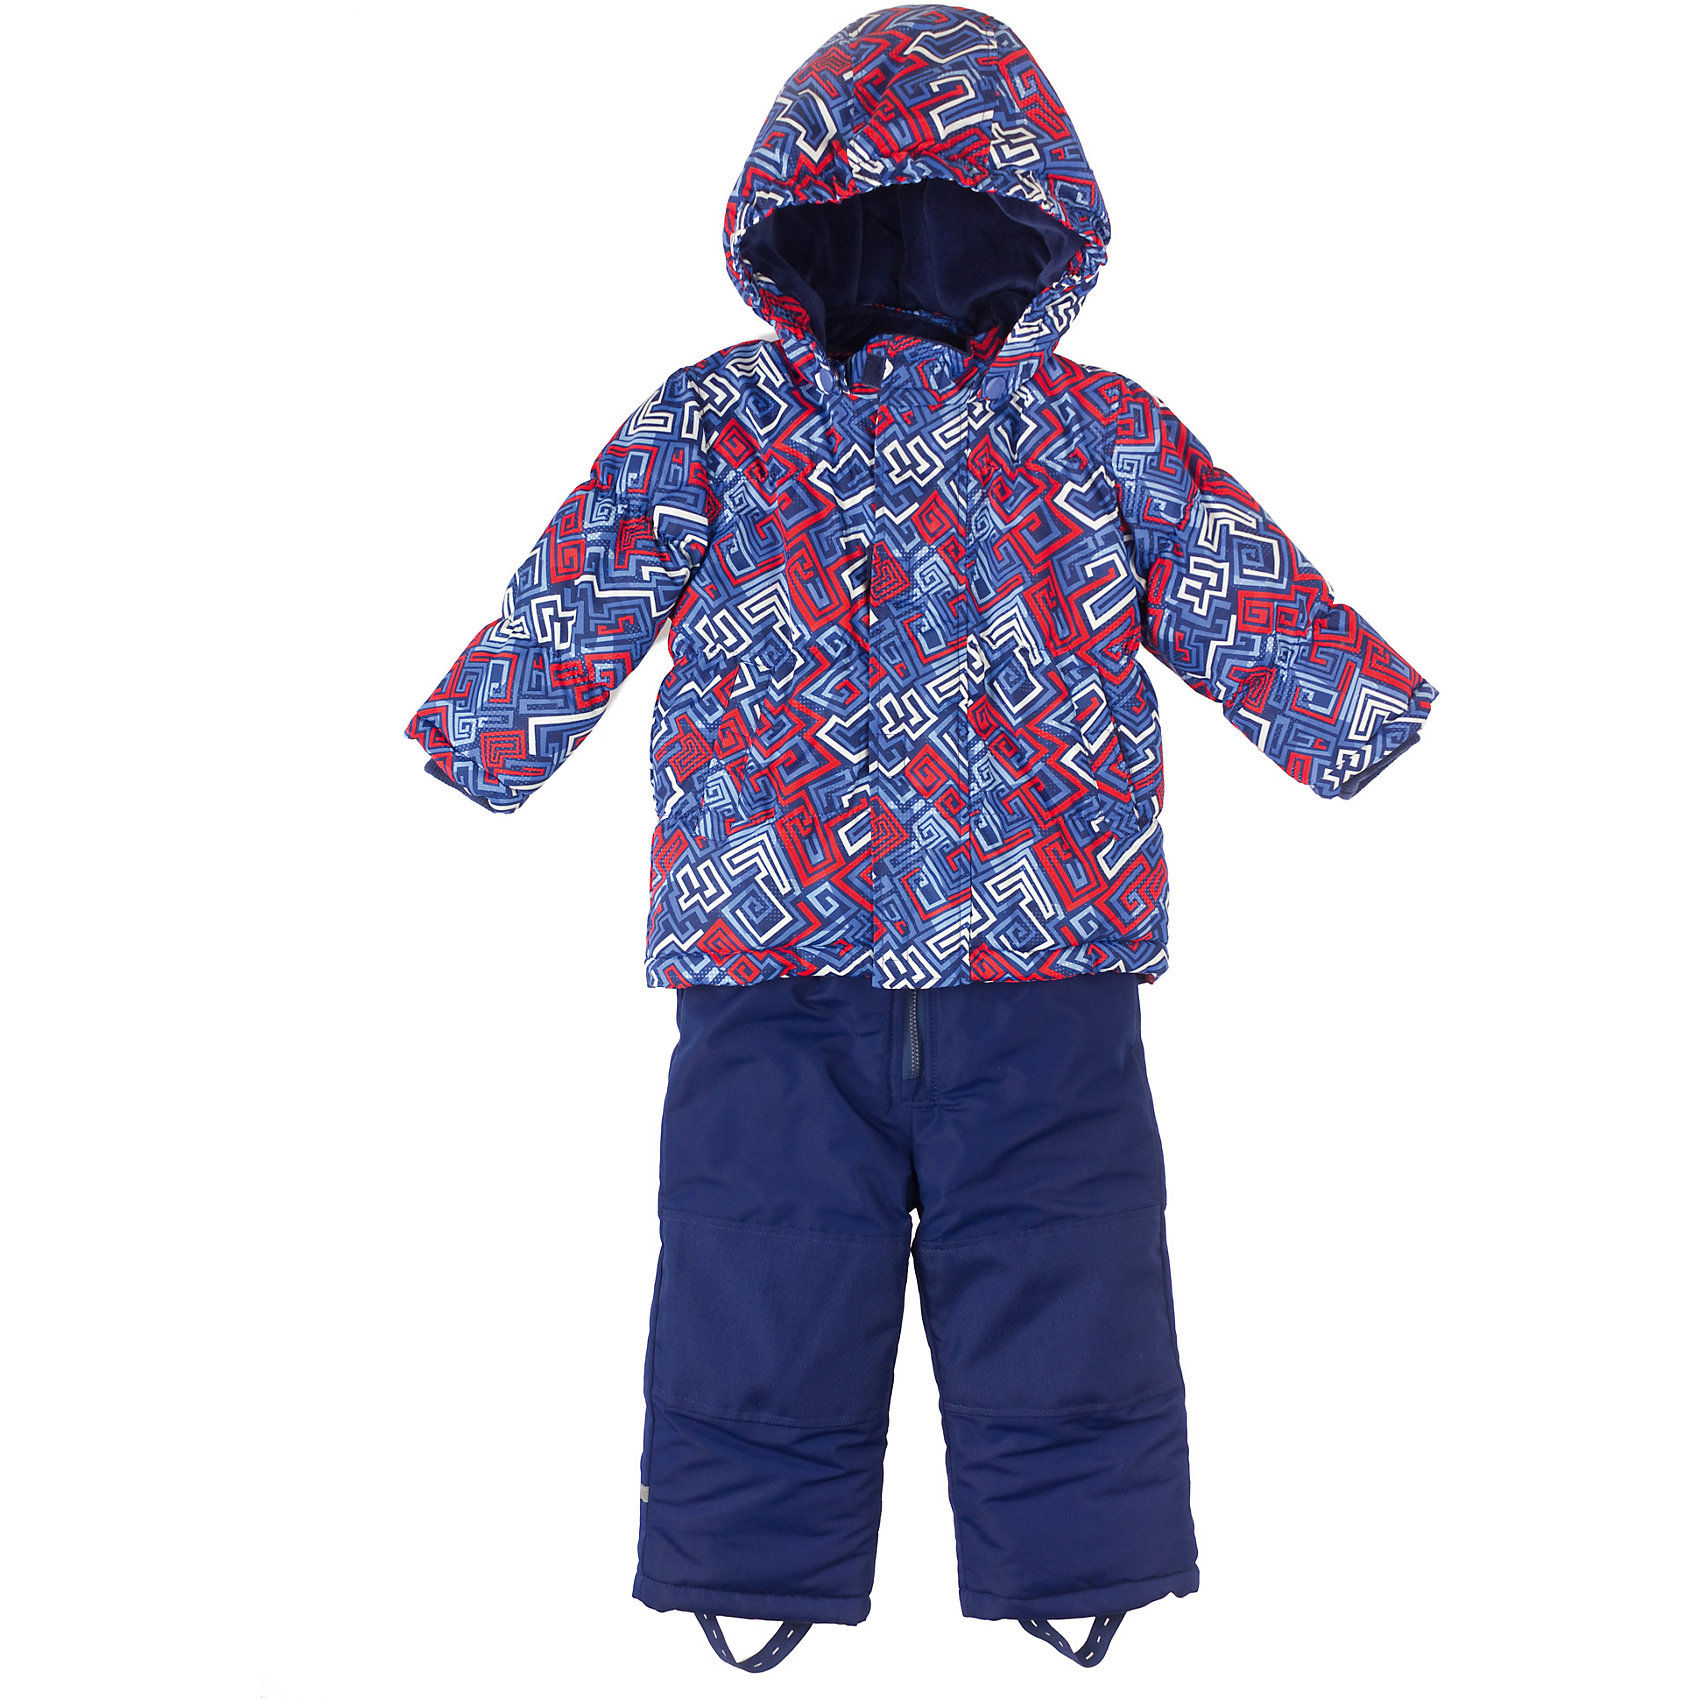 Комплект: куртка и брюки для мальчика PlayTodayКомплект для мальчика PlayToday Комплект из куртки и полукомбинезон на холодную погоду из непромокаемой ткани. Дополнительно утеплен велюровой подкладкой. Капюшон отстёгивается. Карманы на липучках. Удобная молния, дополнительные застежки-липучки на куртке. Также есть дополнительная защита от ветра и снега как в спортивных куртках. Низ утягивается стопперами. Дополнительная трикотажная резинка на рукавах. Есть держатели для перчаток, светоотражатели и специальные нашивки, чтобы можно было подписать владельца. Состав: Верх: 100% полиэстер, подкладка: 80% хлопок, 20% полиэстер, Утеплитель 100% полиэстер<br><br>Ширина мм: 190<br>Глубина мм: 74<br>Высота мм: 229<br>Вес г: 236<br>Цвет: синий<br>Возраст от месяцев: 6<br>Возраст до месяцев: 9<br>Пол: Мужской<br>Возраст: Детский<br>Размер: 74,80,92,86<br>SKU: 4229078